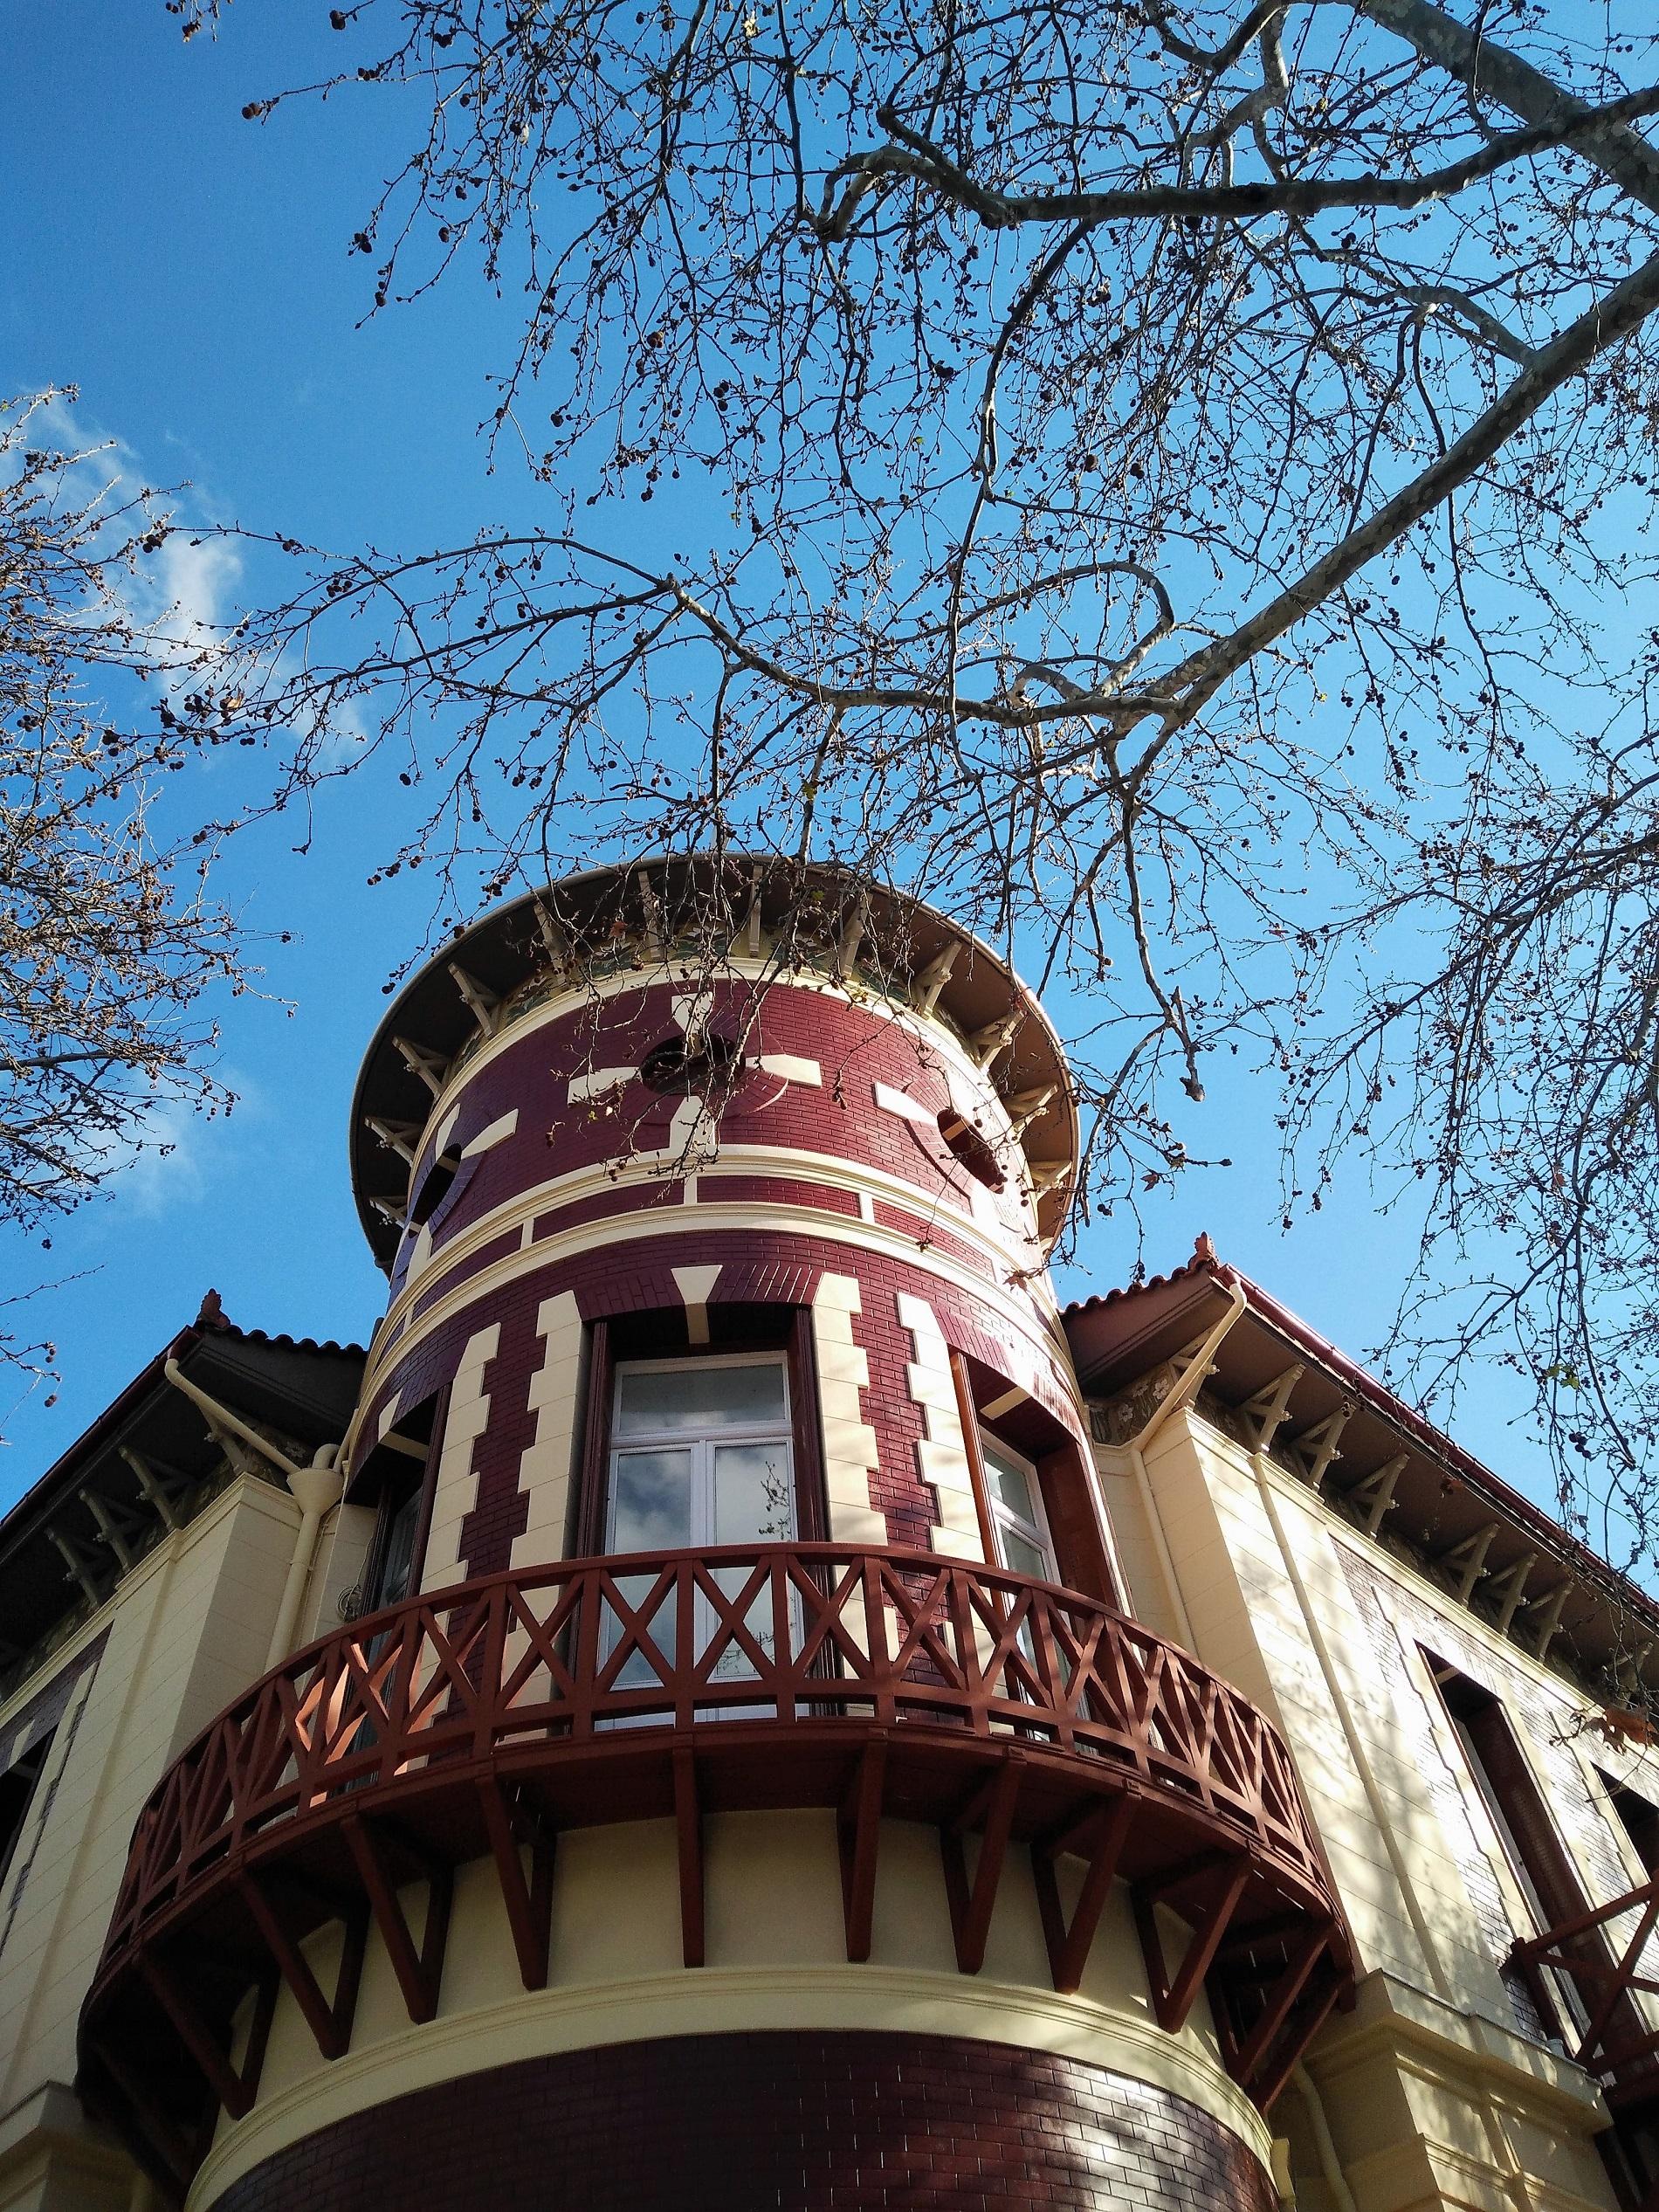 Εντυπωσιακη αρχιτεκτονικη στα κτιρια της Κηφισιας